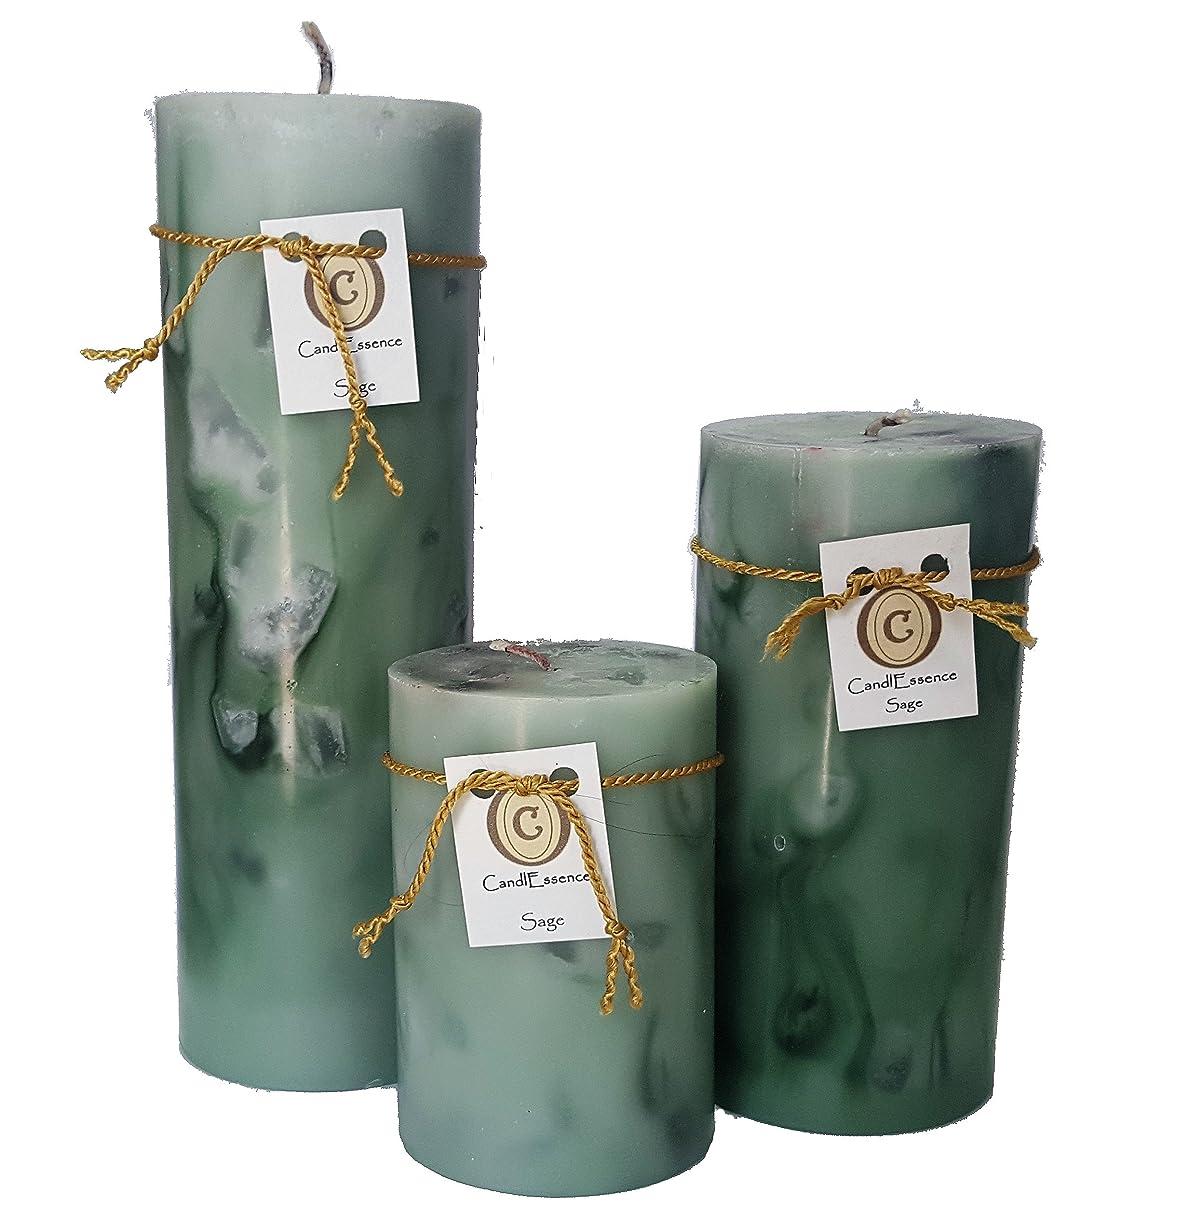 バーガーアーティスト抵当ハンドメイドScented Candle?–?Long Burningピラー?–?セージ香り Set of 3 グリーン SAGE